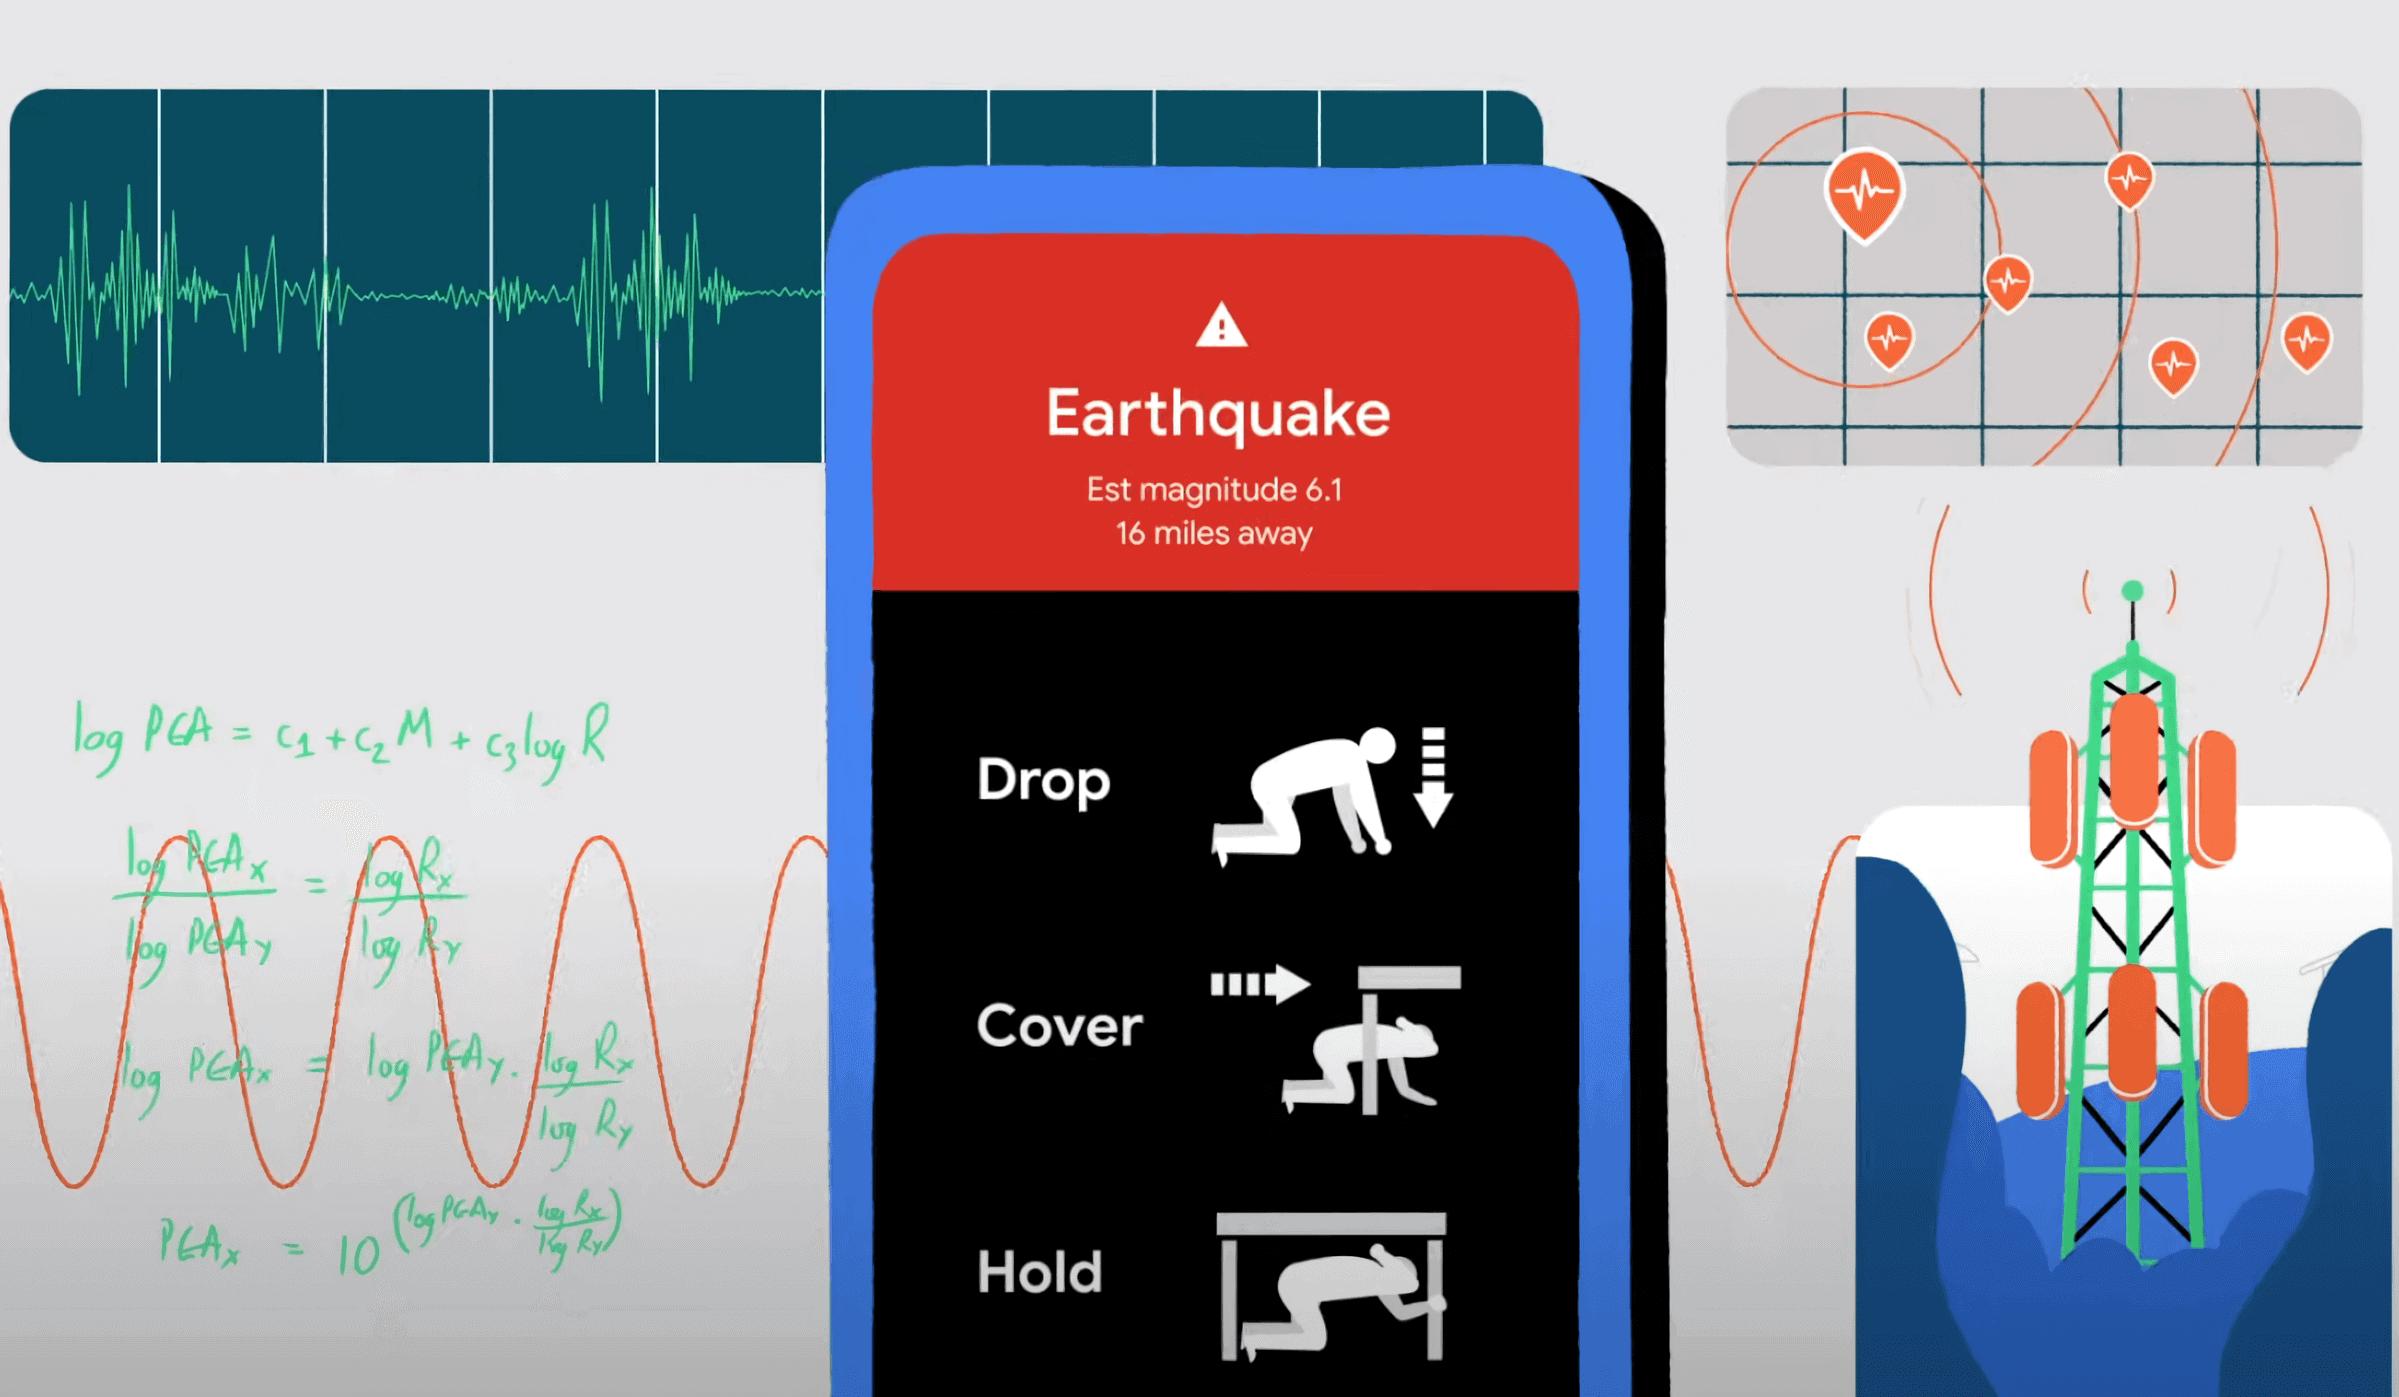 оповещение о землетрясении